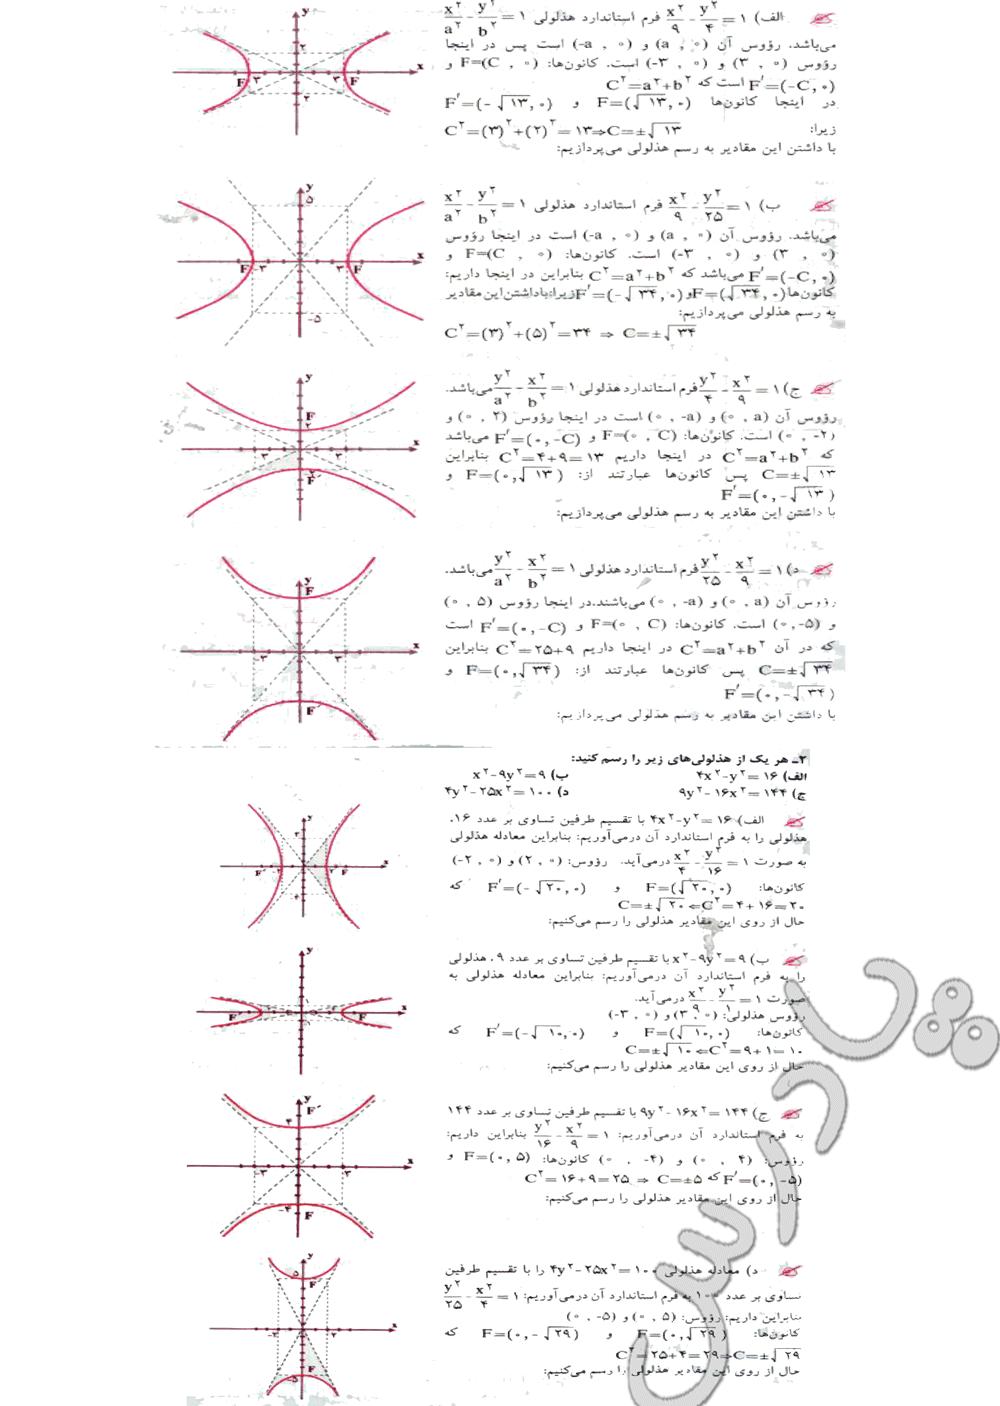 حل تمرین صفحه 76 هندسه تحلیلی پیش دانشگاهی